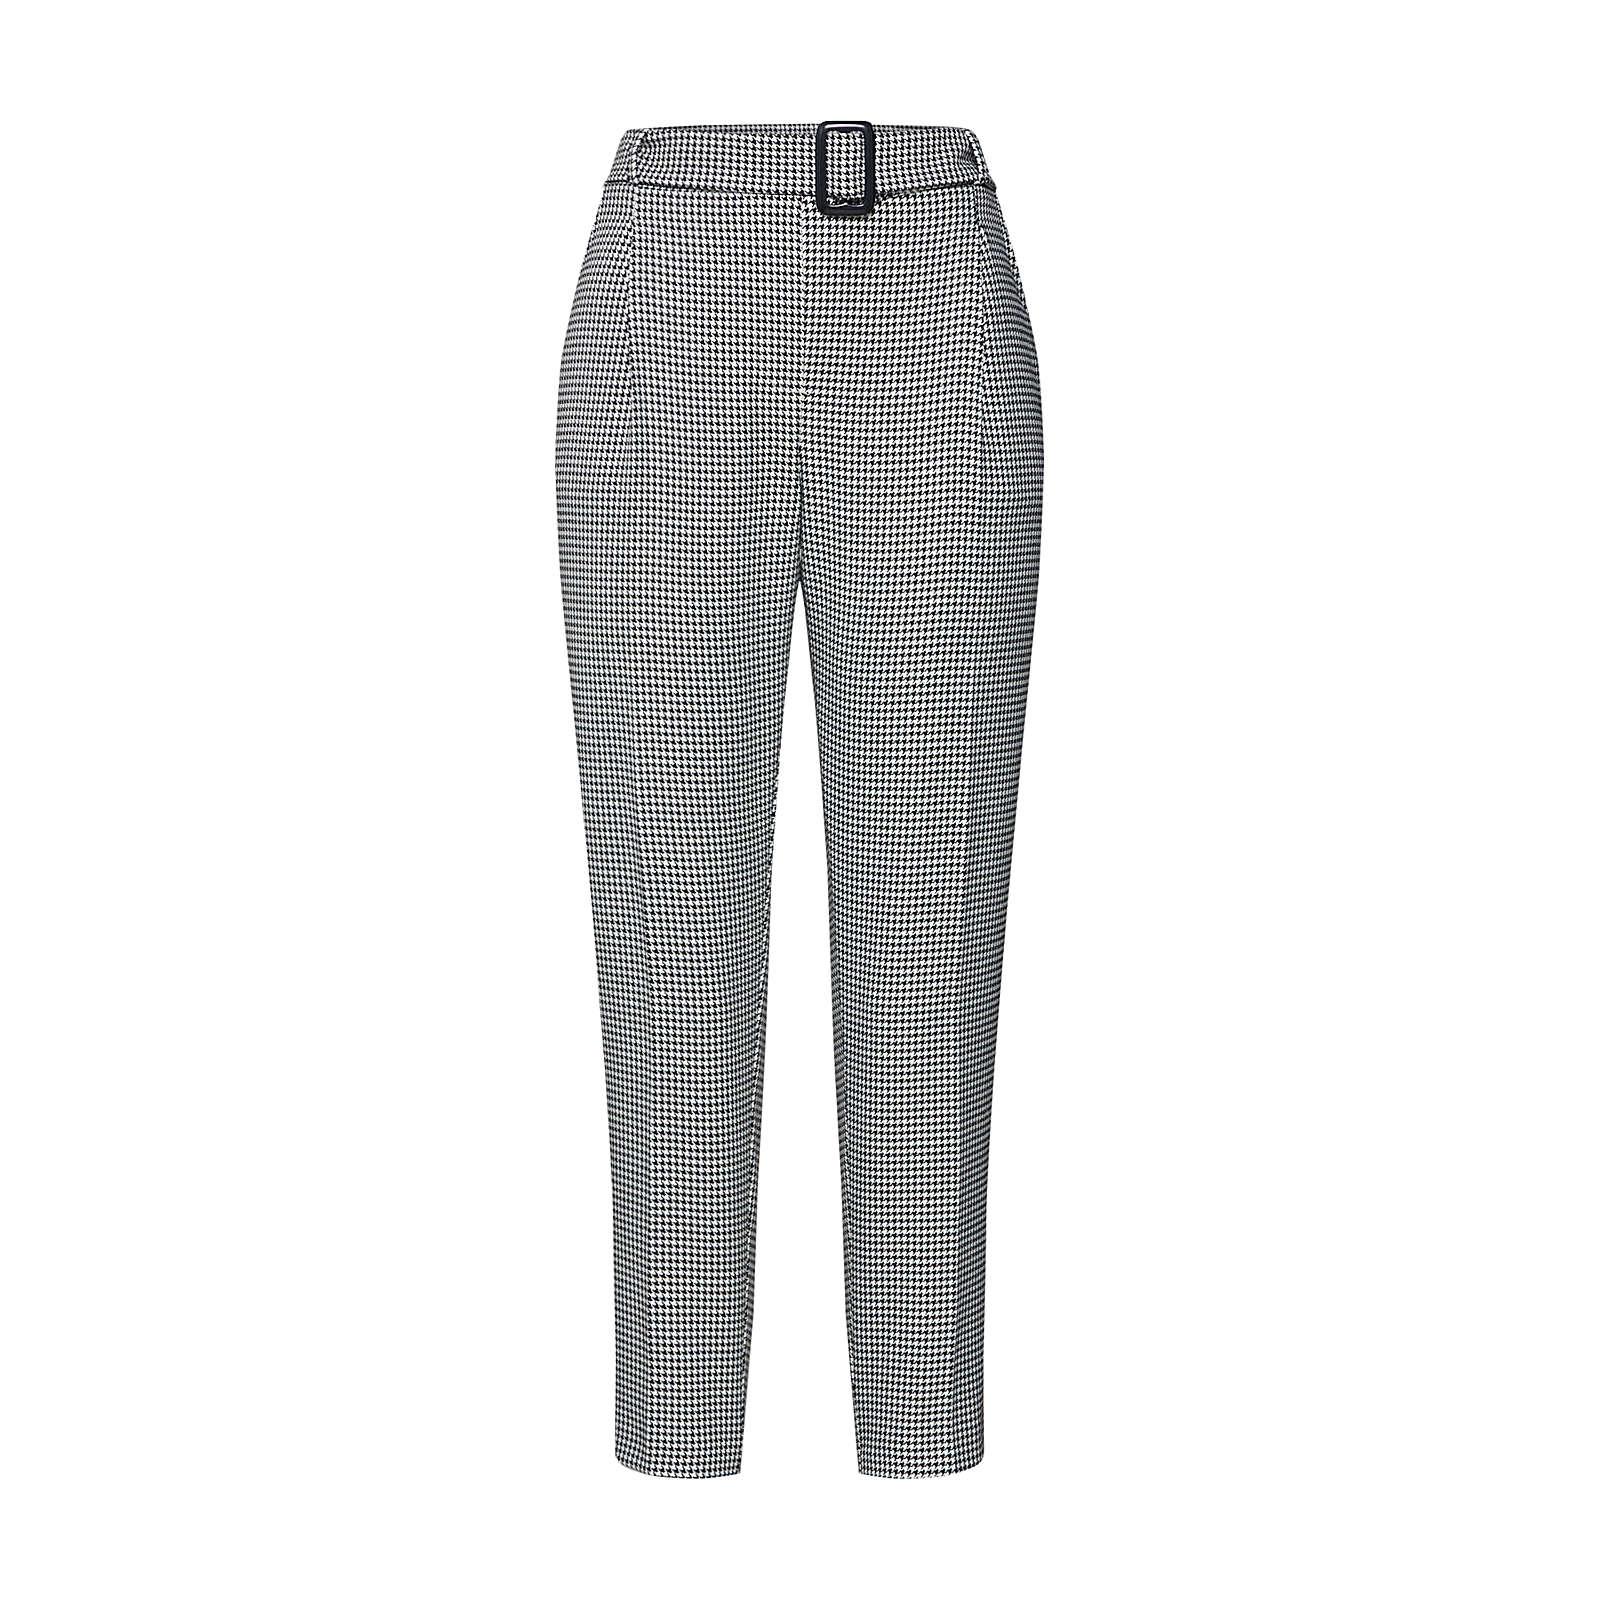 NEW LOOK Bundfaltenhose Stoffhosen weiß Damen Gr. 38